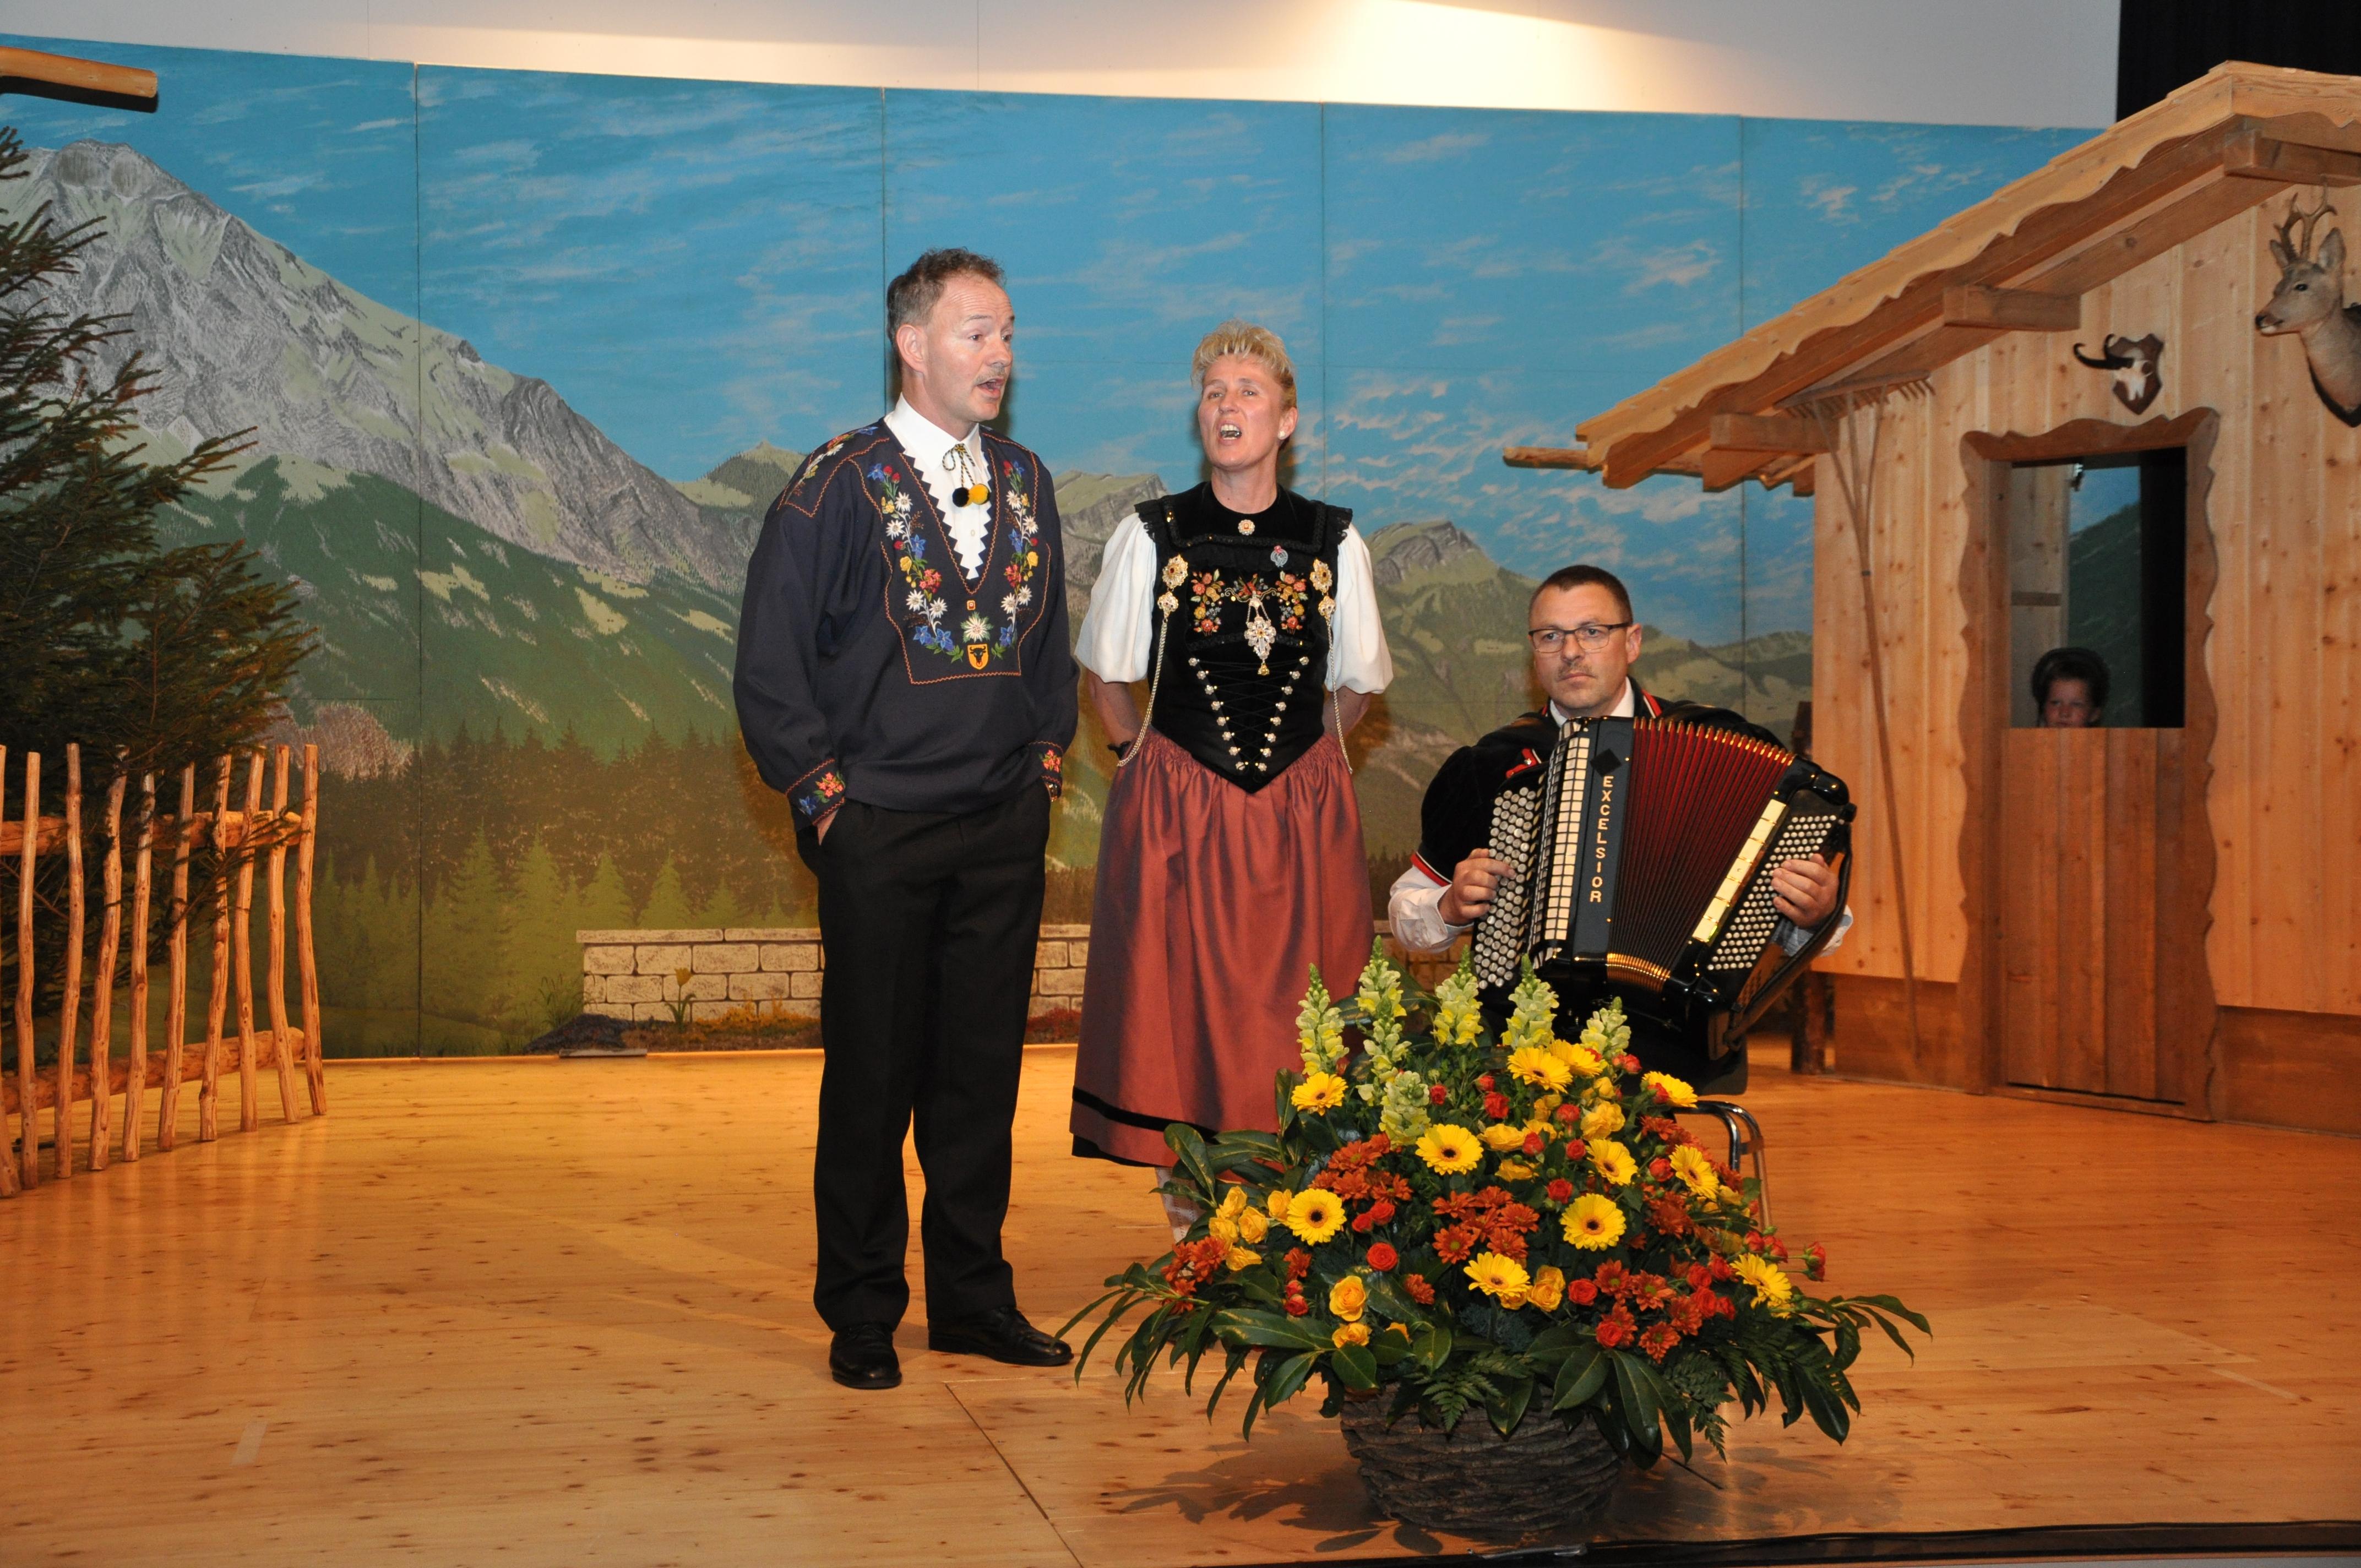 Duett Erika und Reto mit Begleiter Franz Röösli